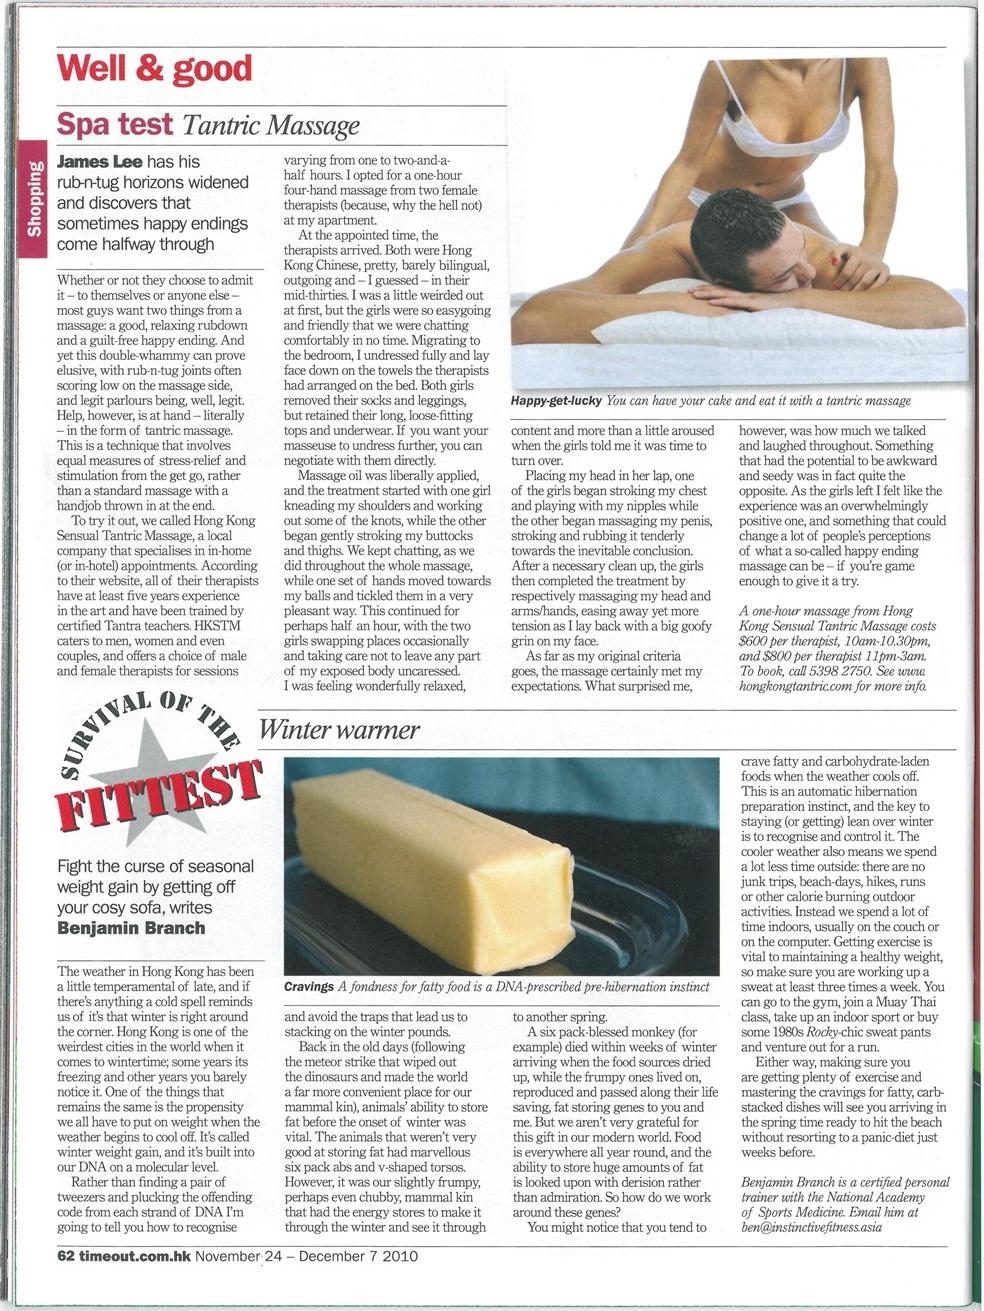 female lingam massage outcall massage perth